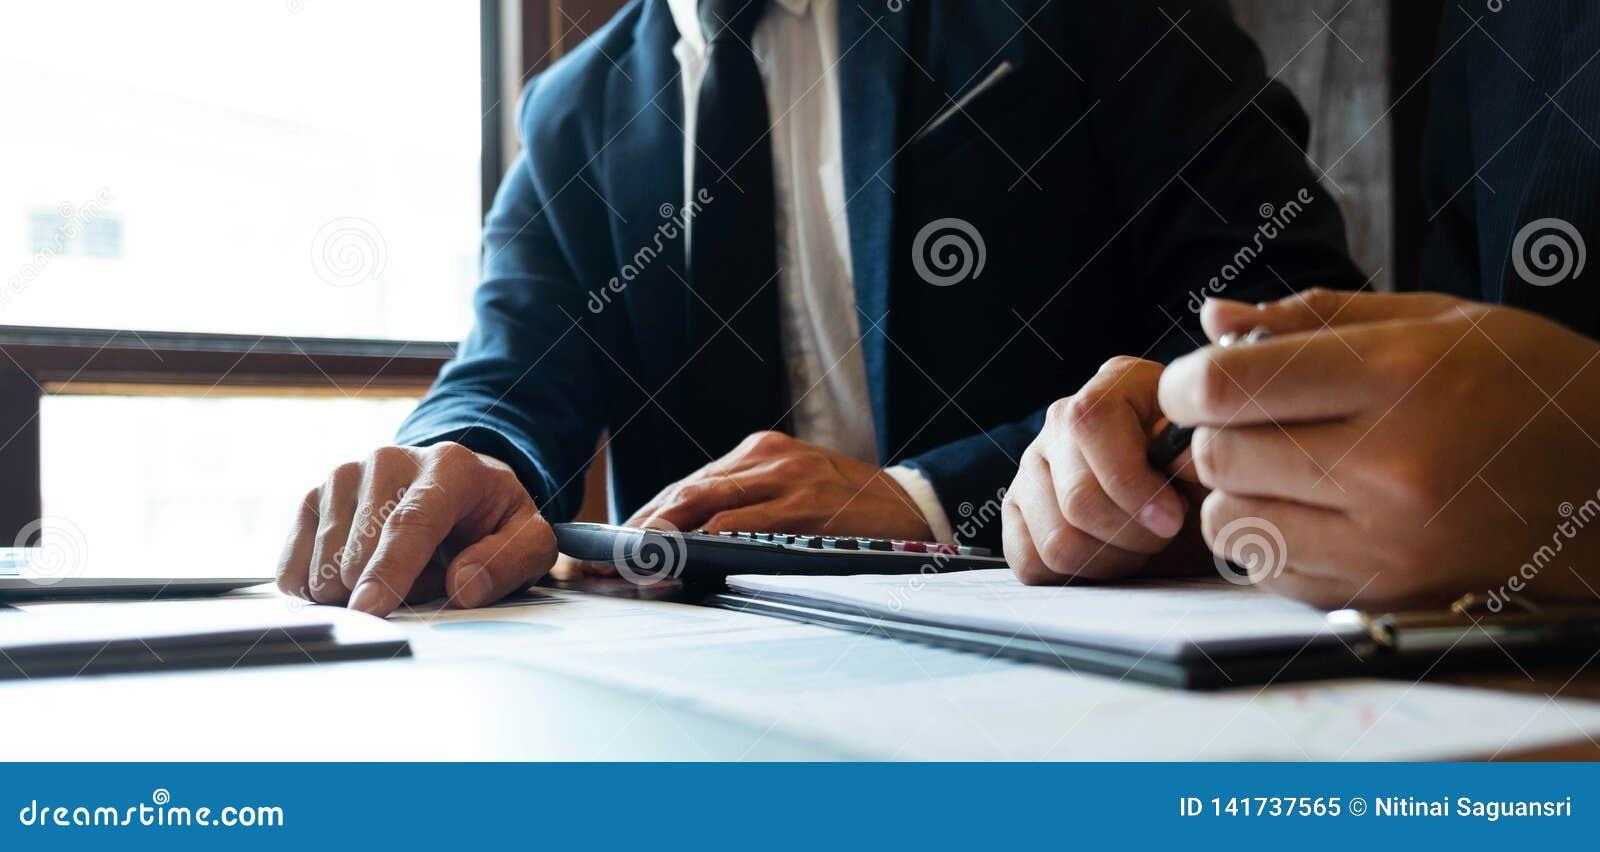 Consultant en matière de comptabilité, planification de planification de Financial Consultant Financial de conseiller commercial